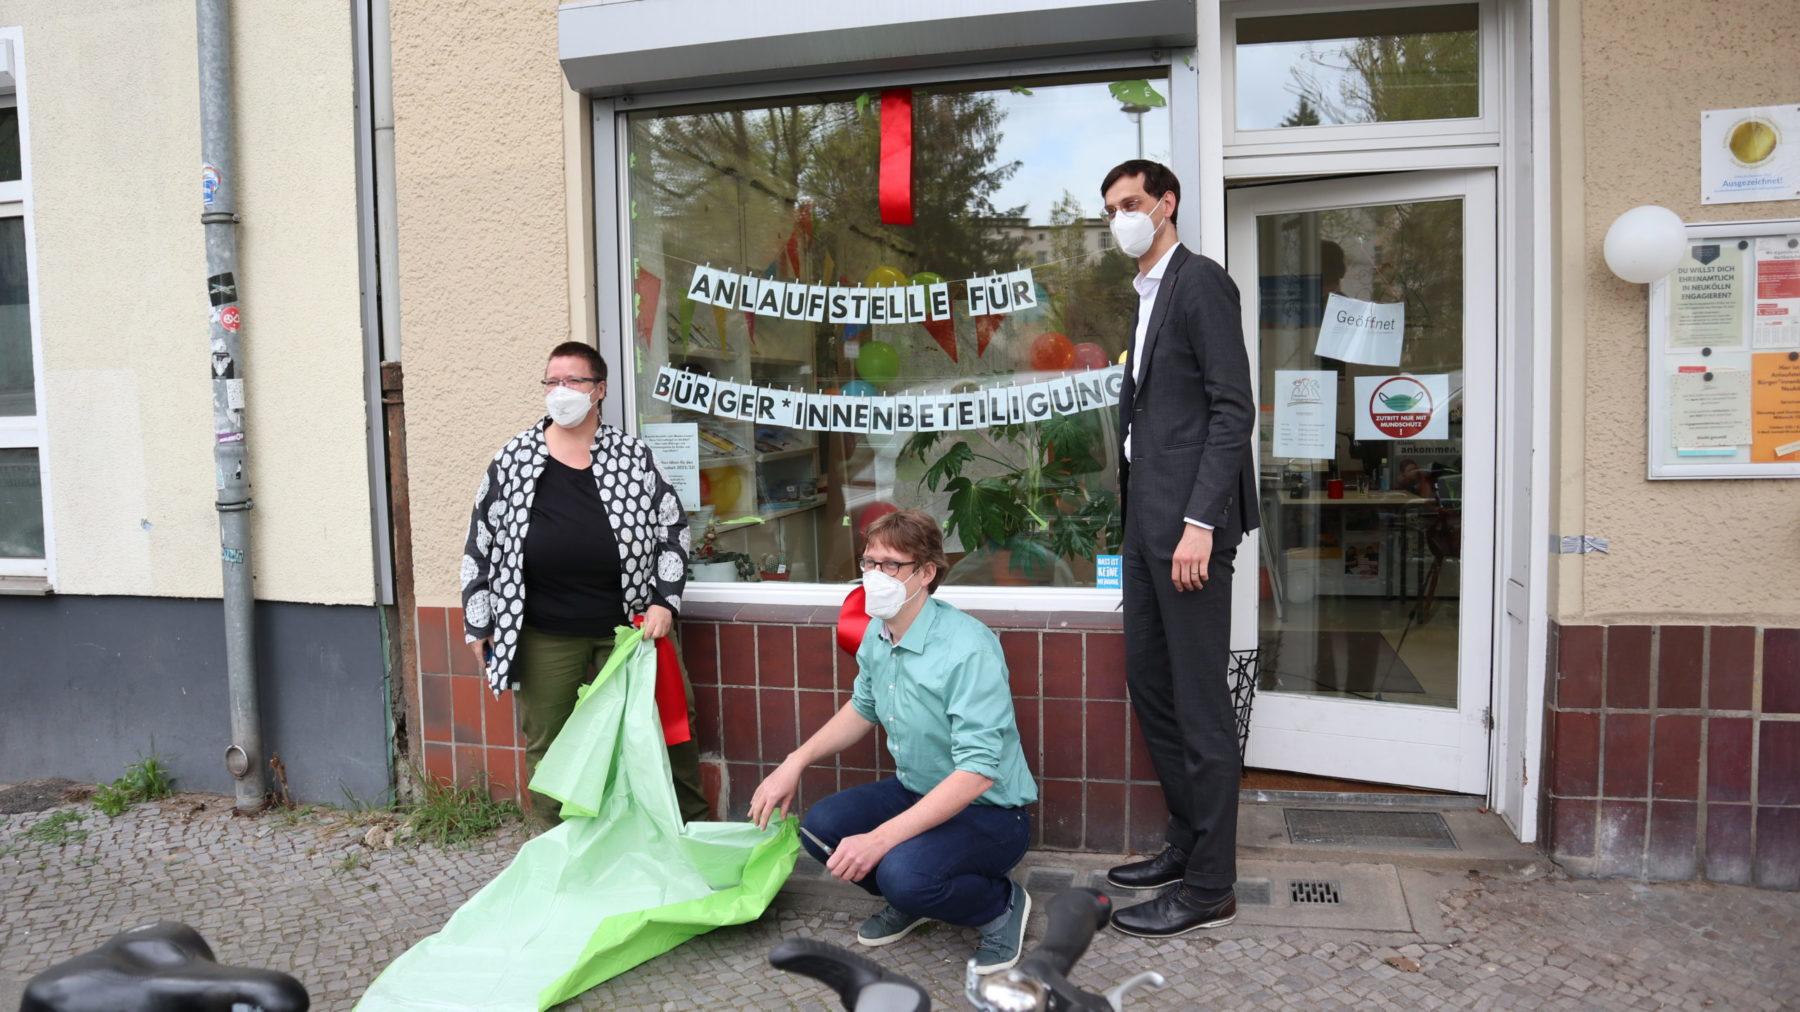 Vor dem Schaufenster des NEZ stehen von links nach rechts Gisela Enders, Juochen Biedermann (hockend) und Martin Hikel